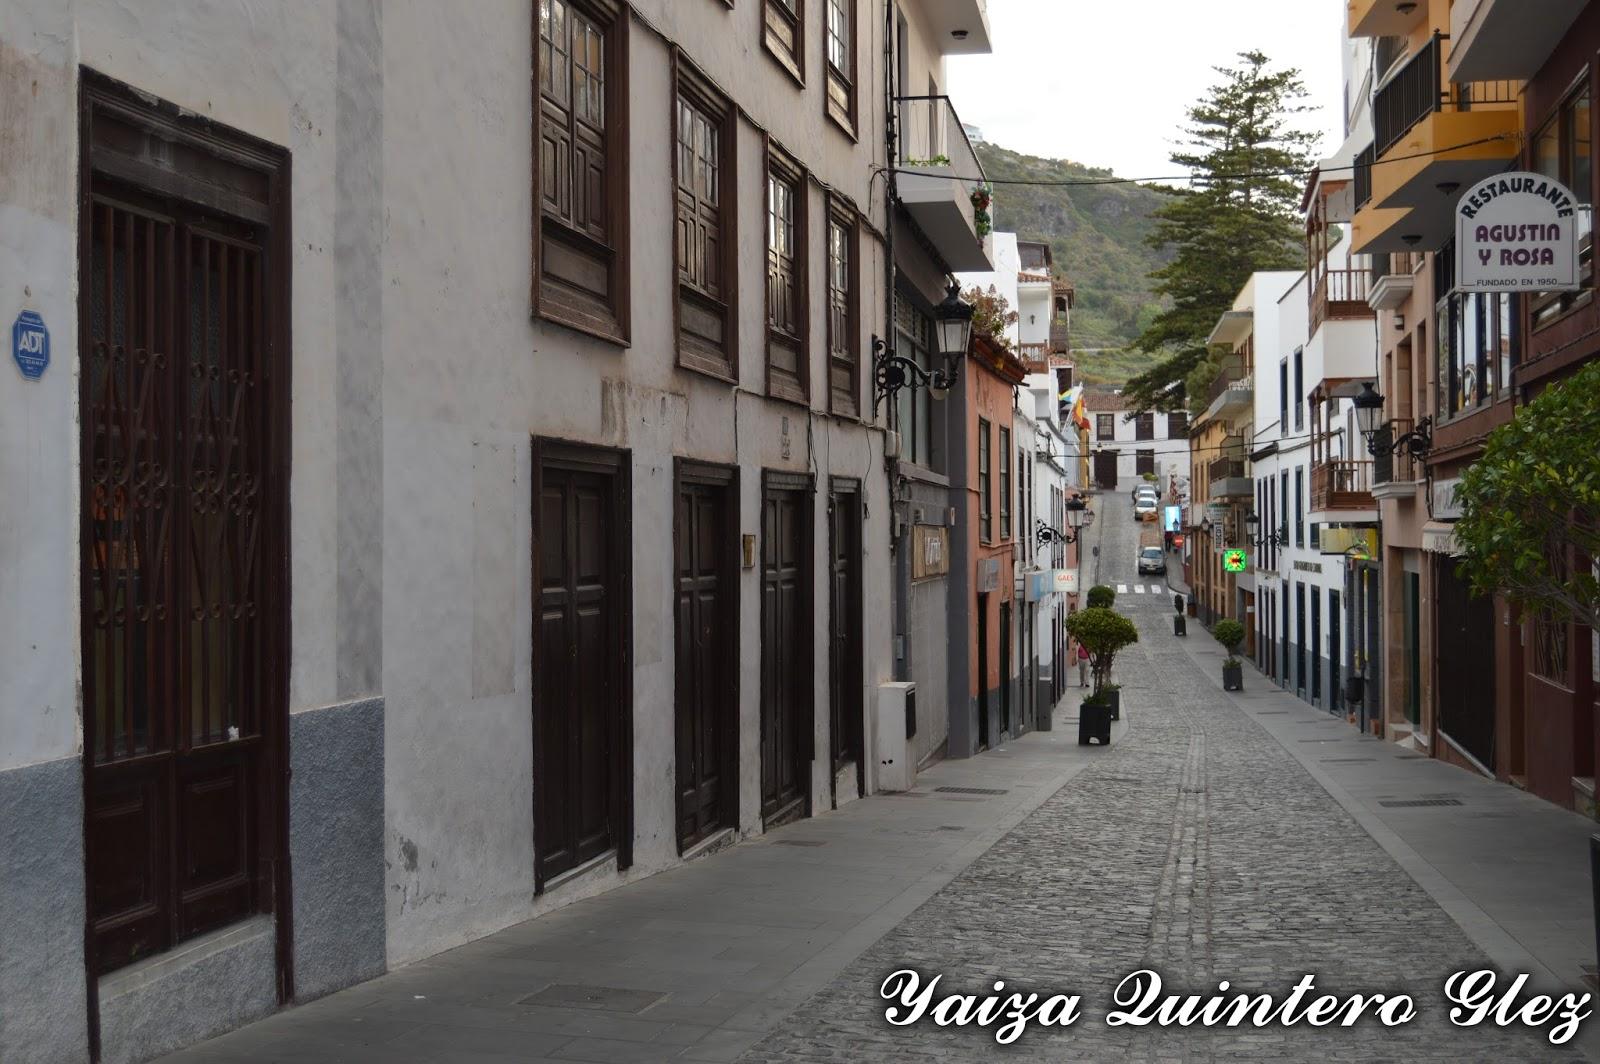 Andando Por Tenerife: Casco de Icod de los Vinos